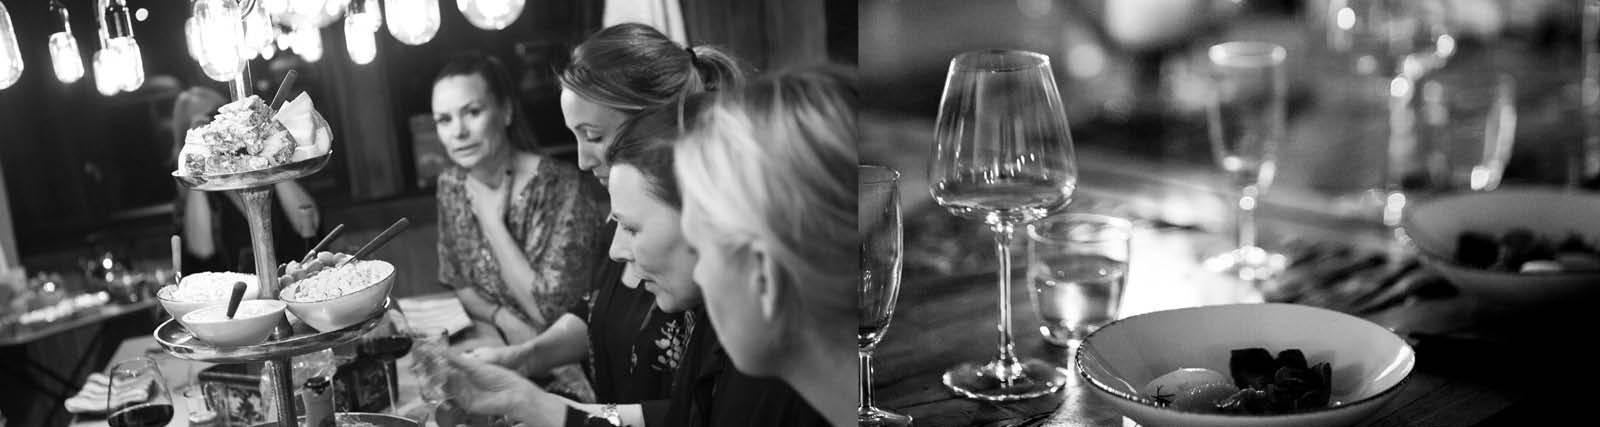 Kvinnor som äter middag